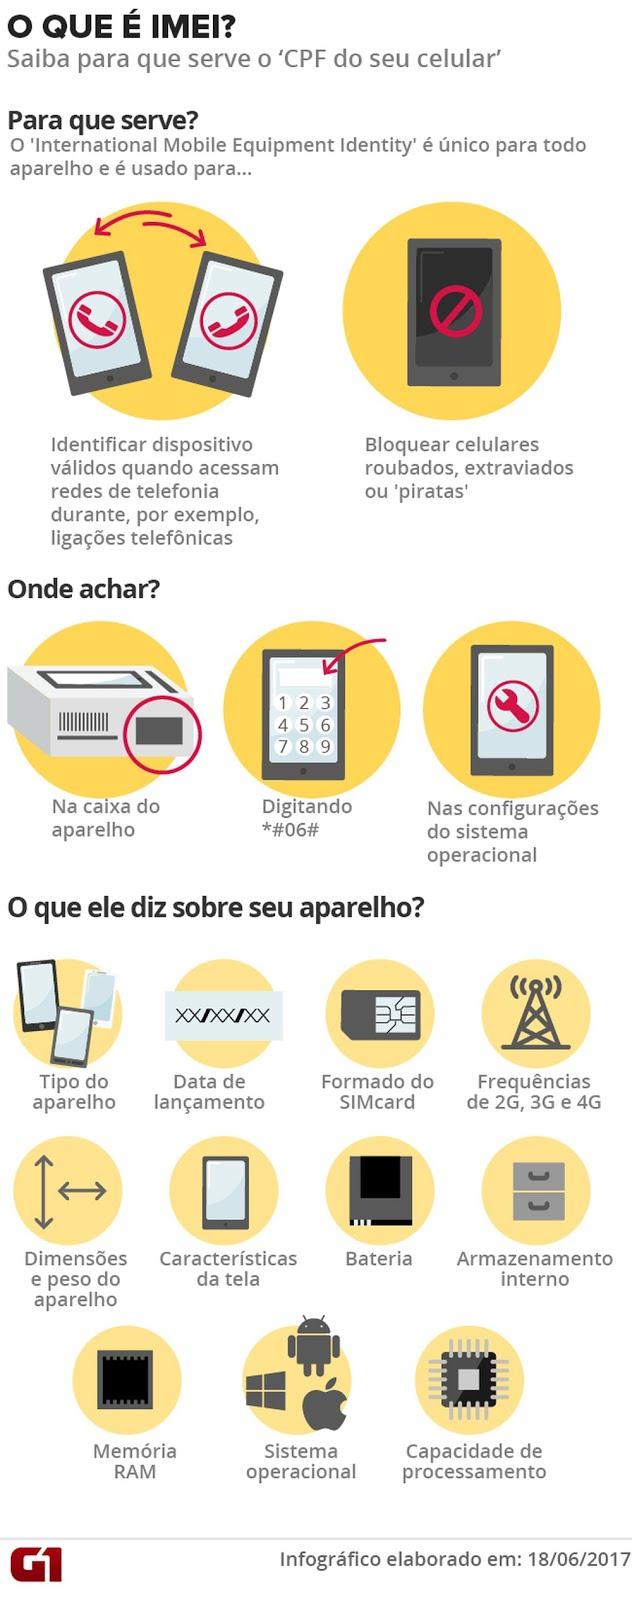 01. Bloqueio de celulares 'piratas' chega a todo o país ...